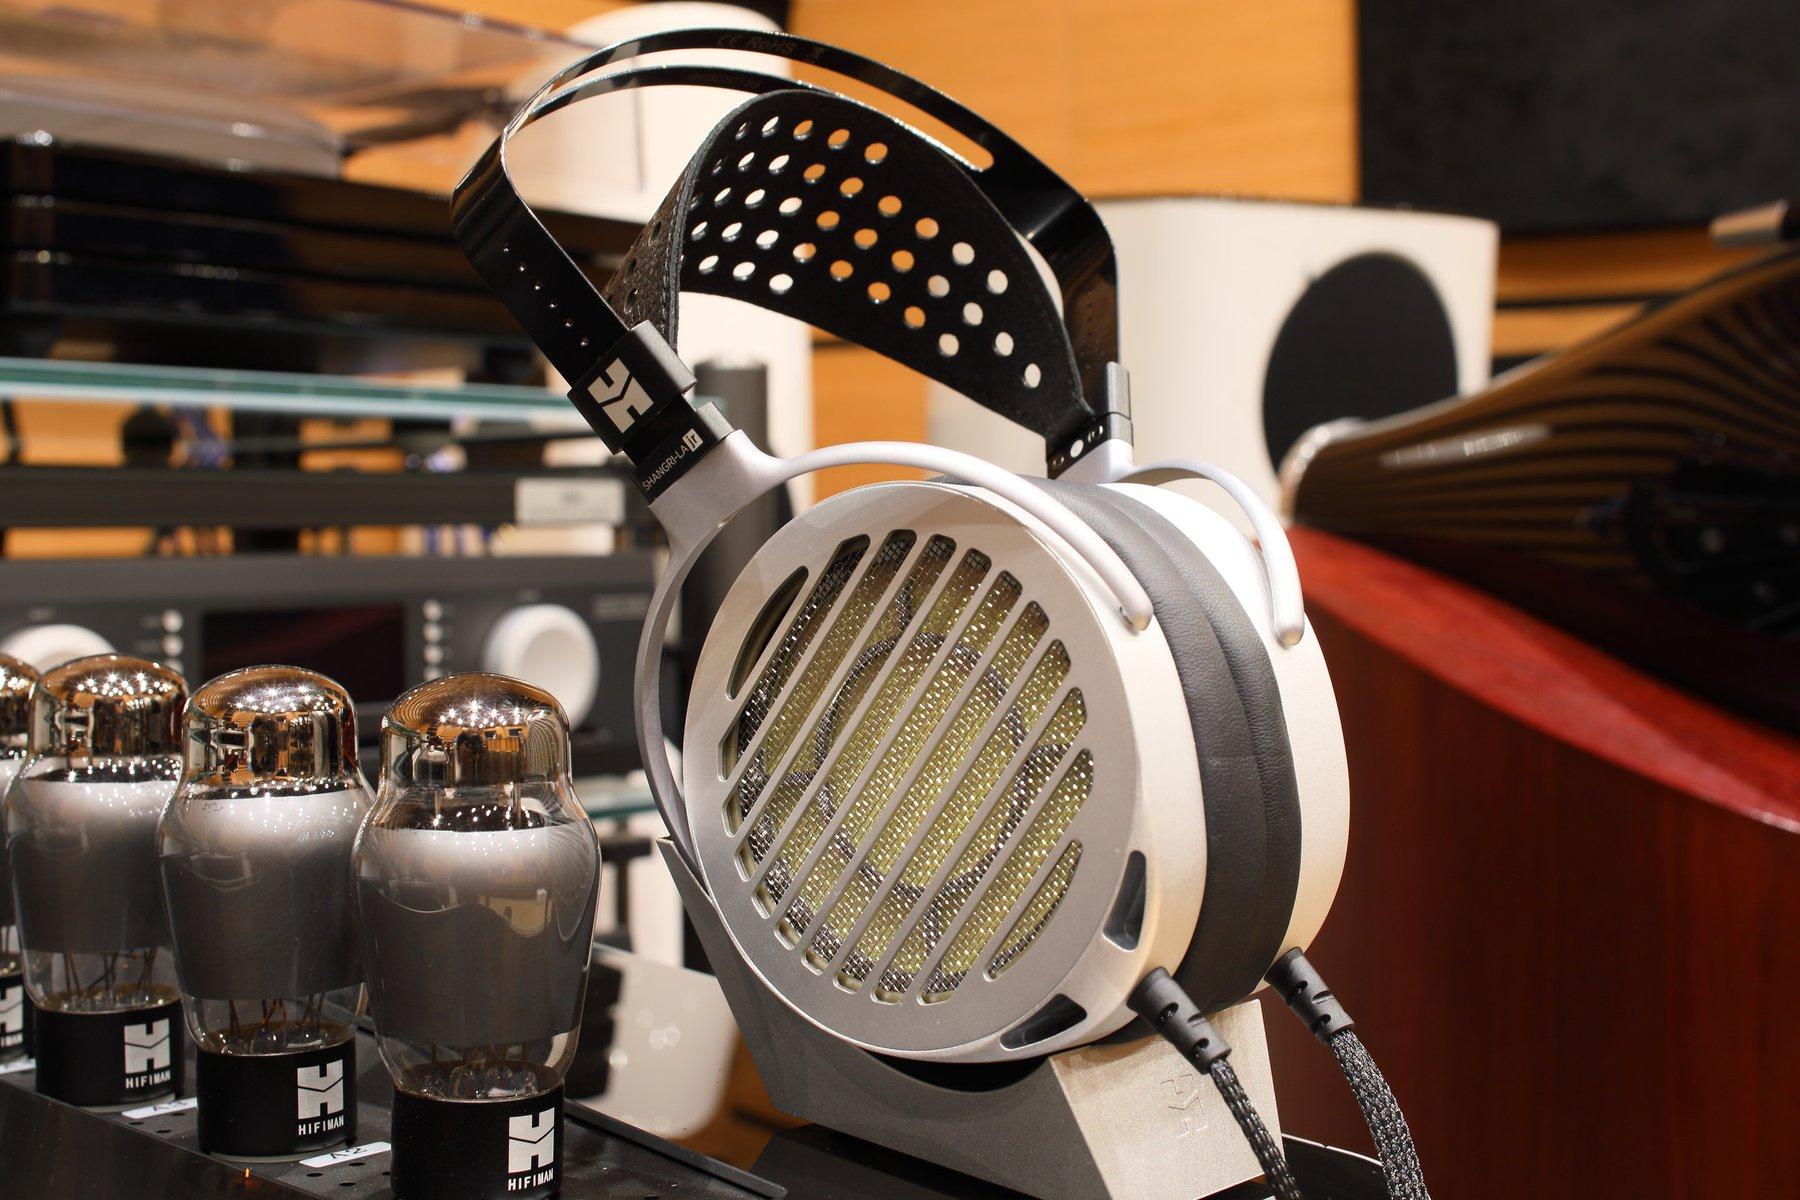 HiFiMan SHANGRI-LA jr electrostatic headphones review with tube amp